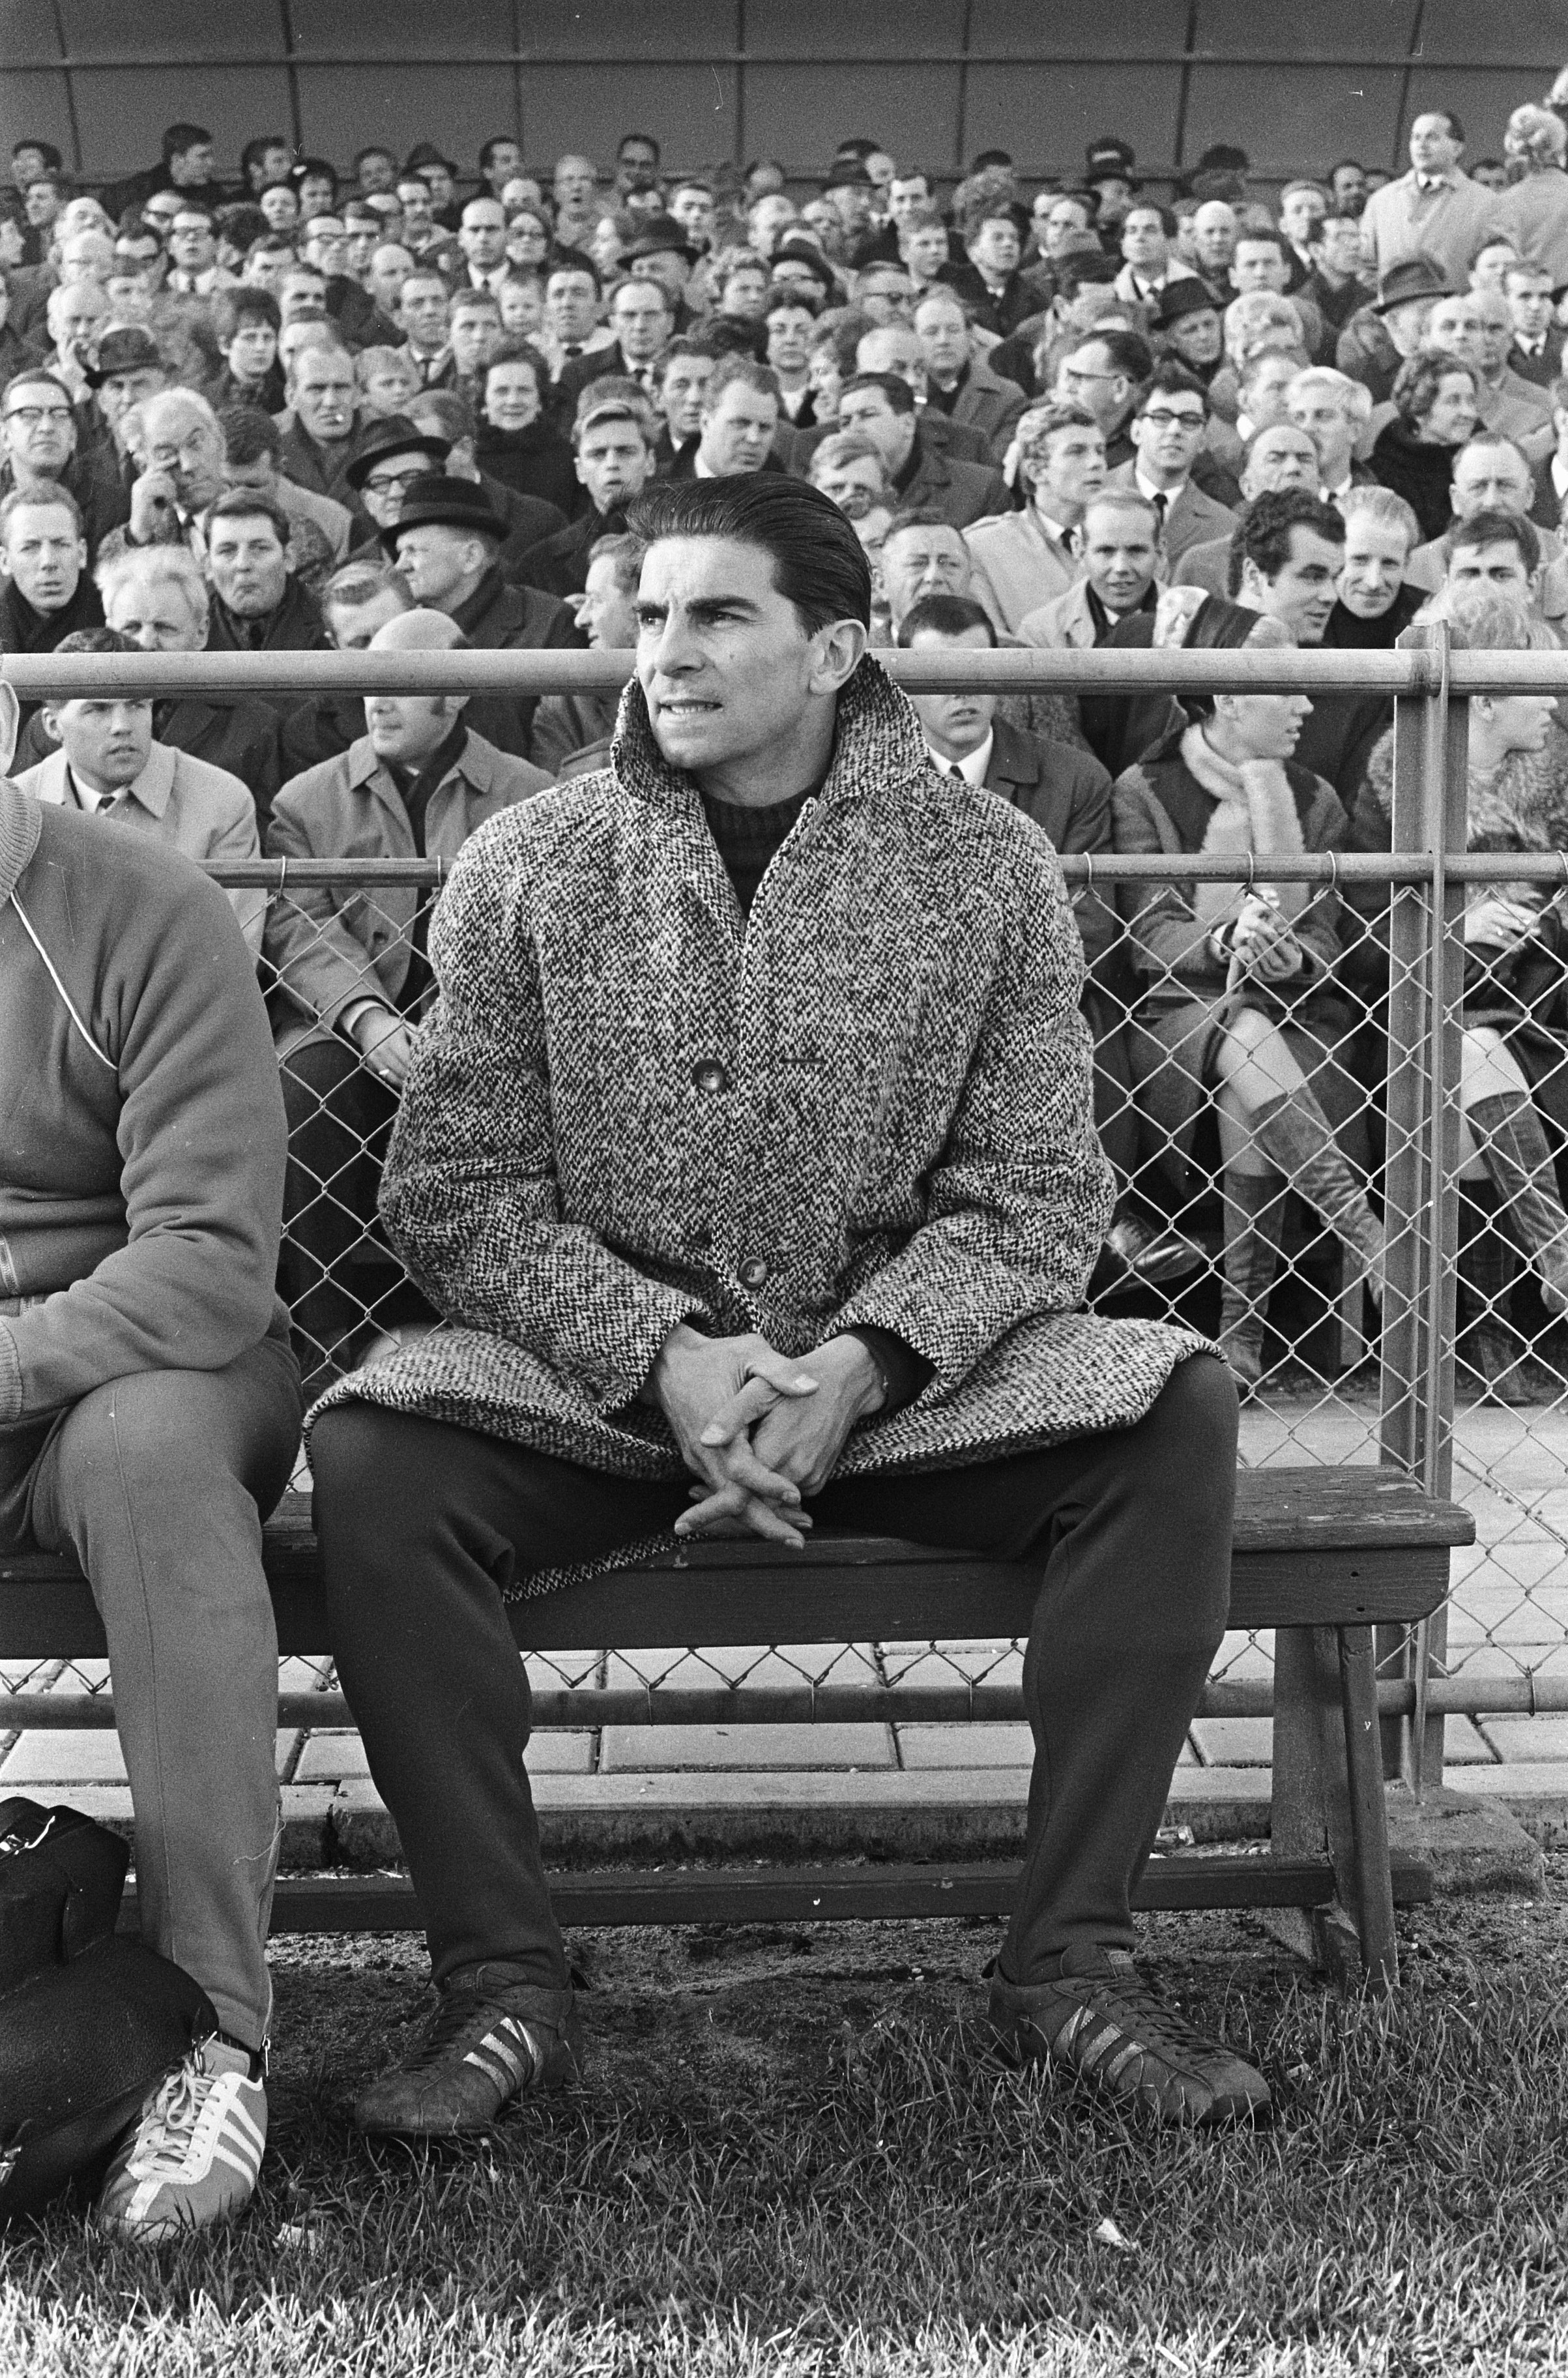 Frans de Munck als trainer op de bank (foto P. Jongerhuis/Anefo, 1957, Nationaal Archief).